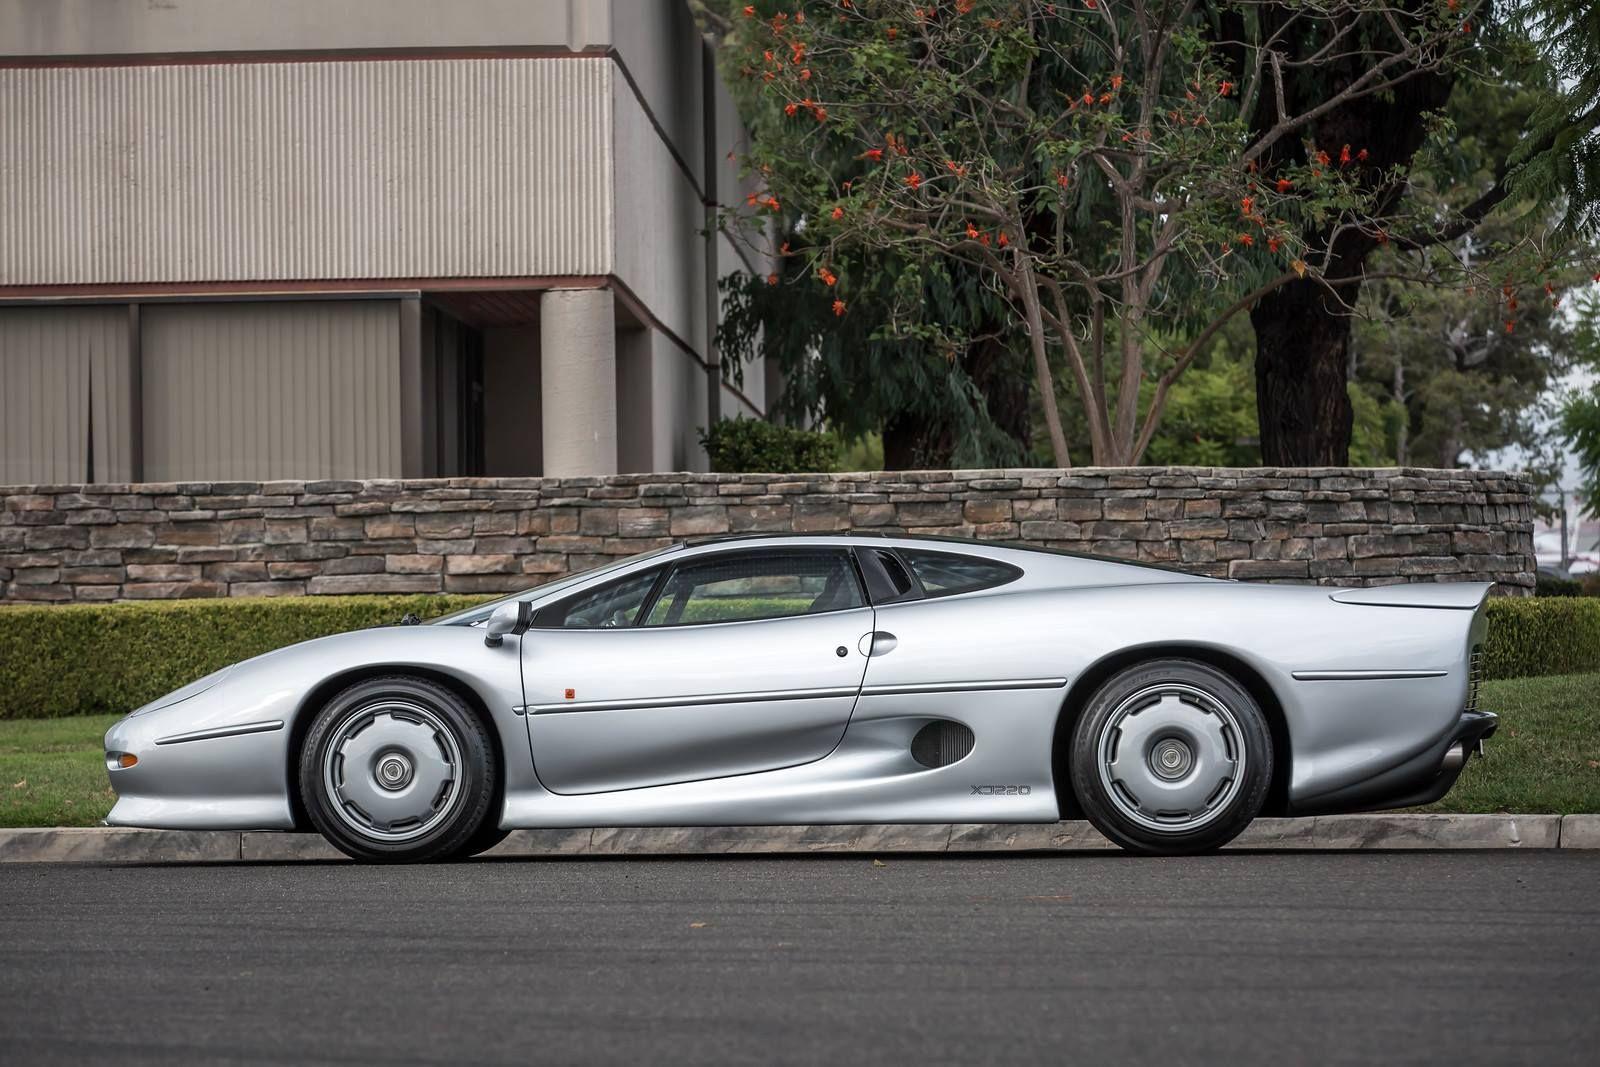 Jaguar Xj220 For Sale >> Jaguar Xj220 For Sale 6 Photos Gtspirit Cars That Will